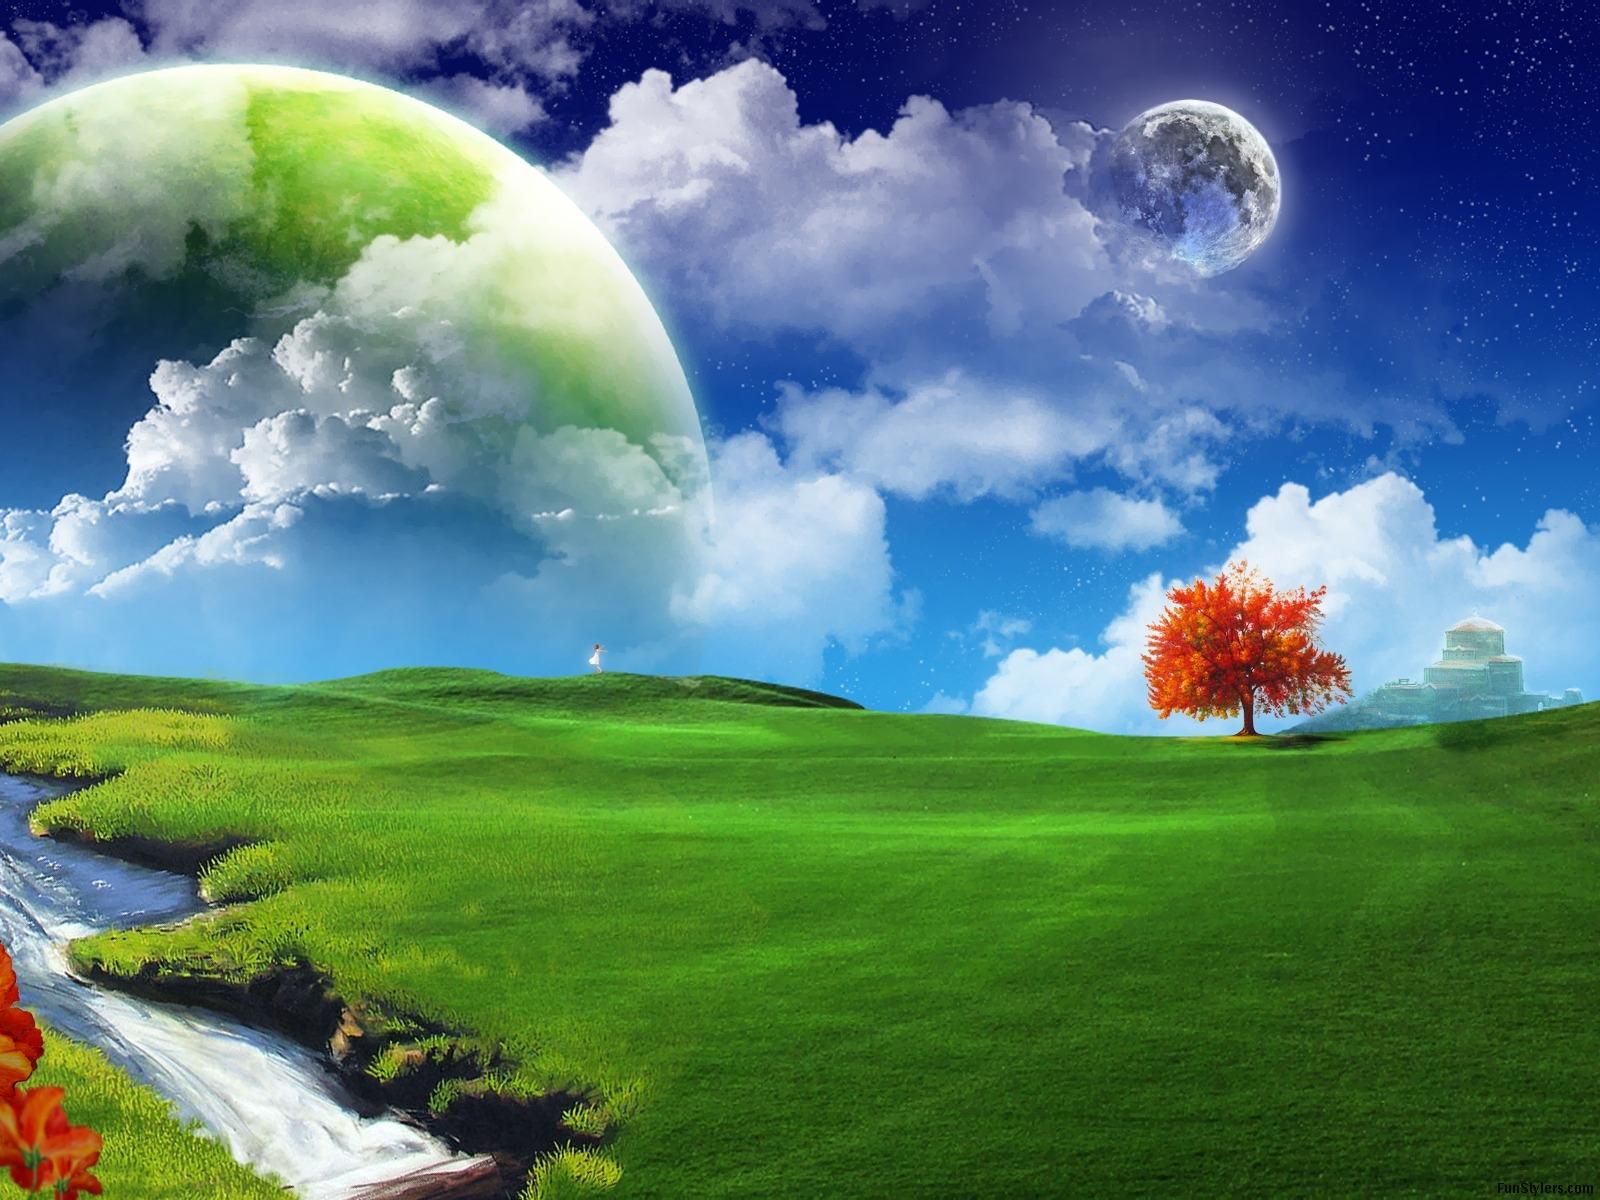 http://3.bp.blogspot.com/-wefR6ix4Sb8/T4lcmqTazxI/AAAAAAAACaY/qncGBP4j0aY/s1600/3D+Nature+Wallpapers+2.jpg